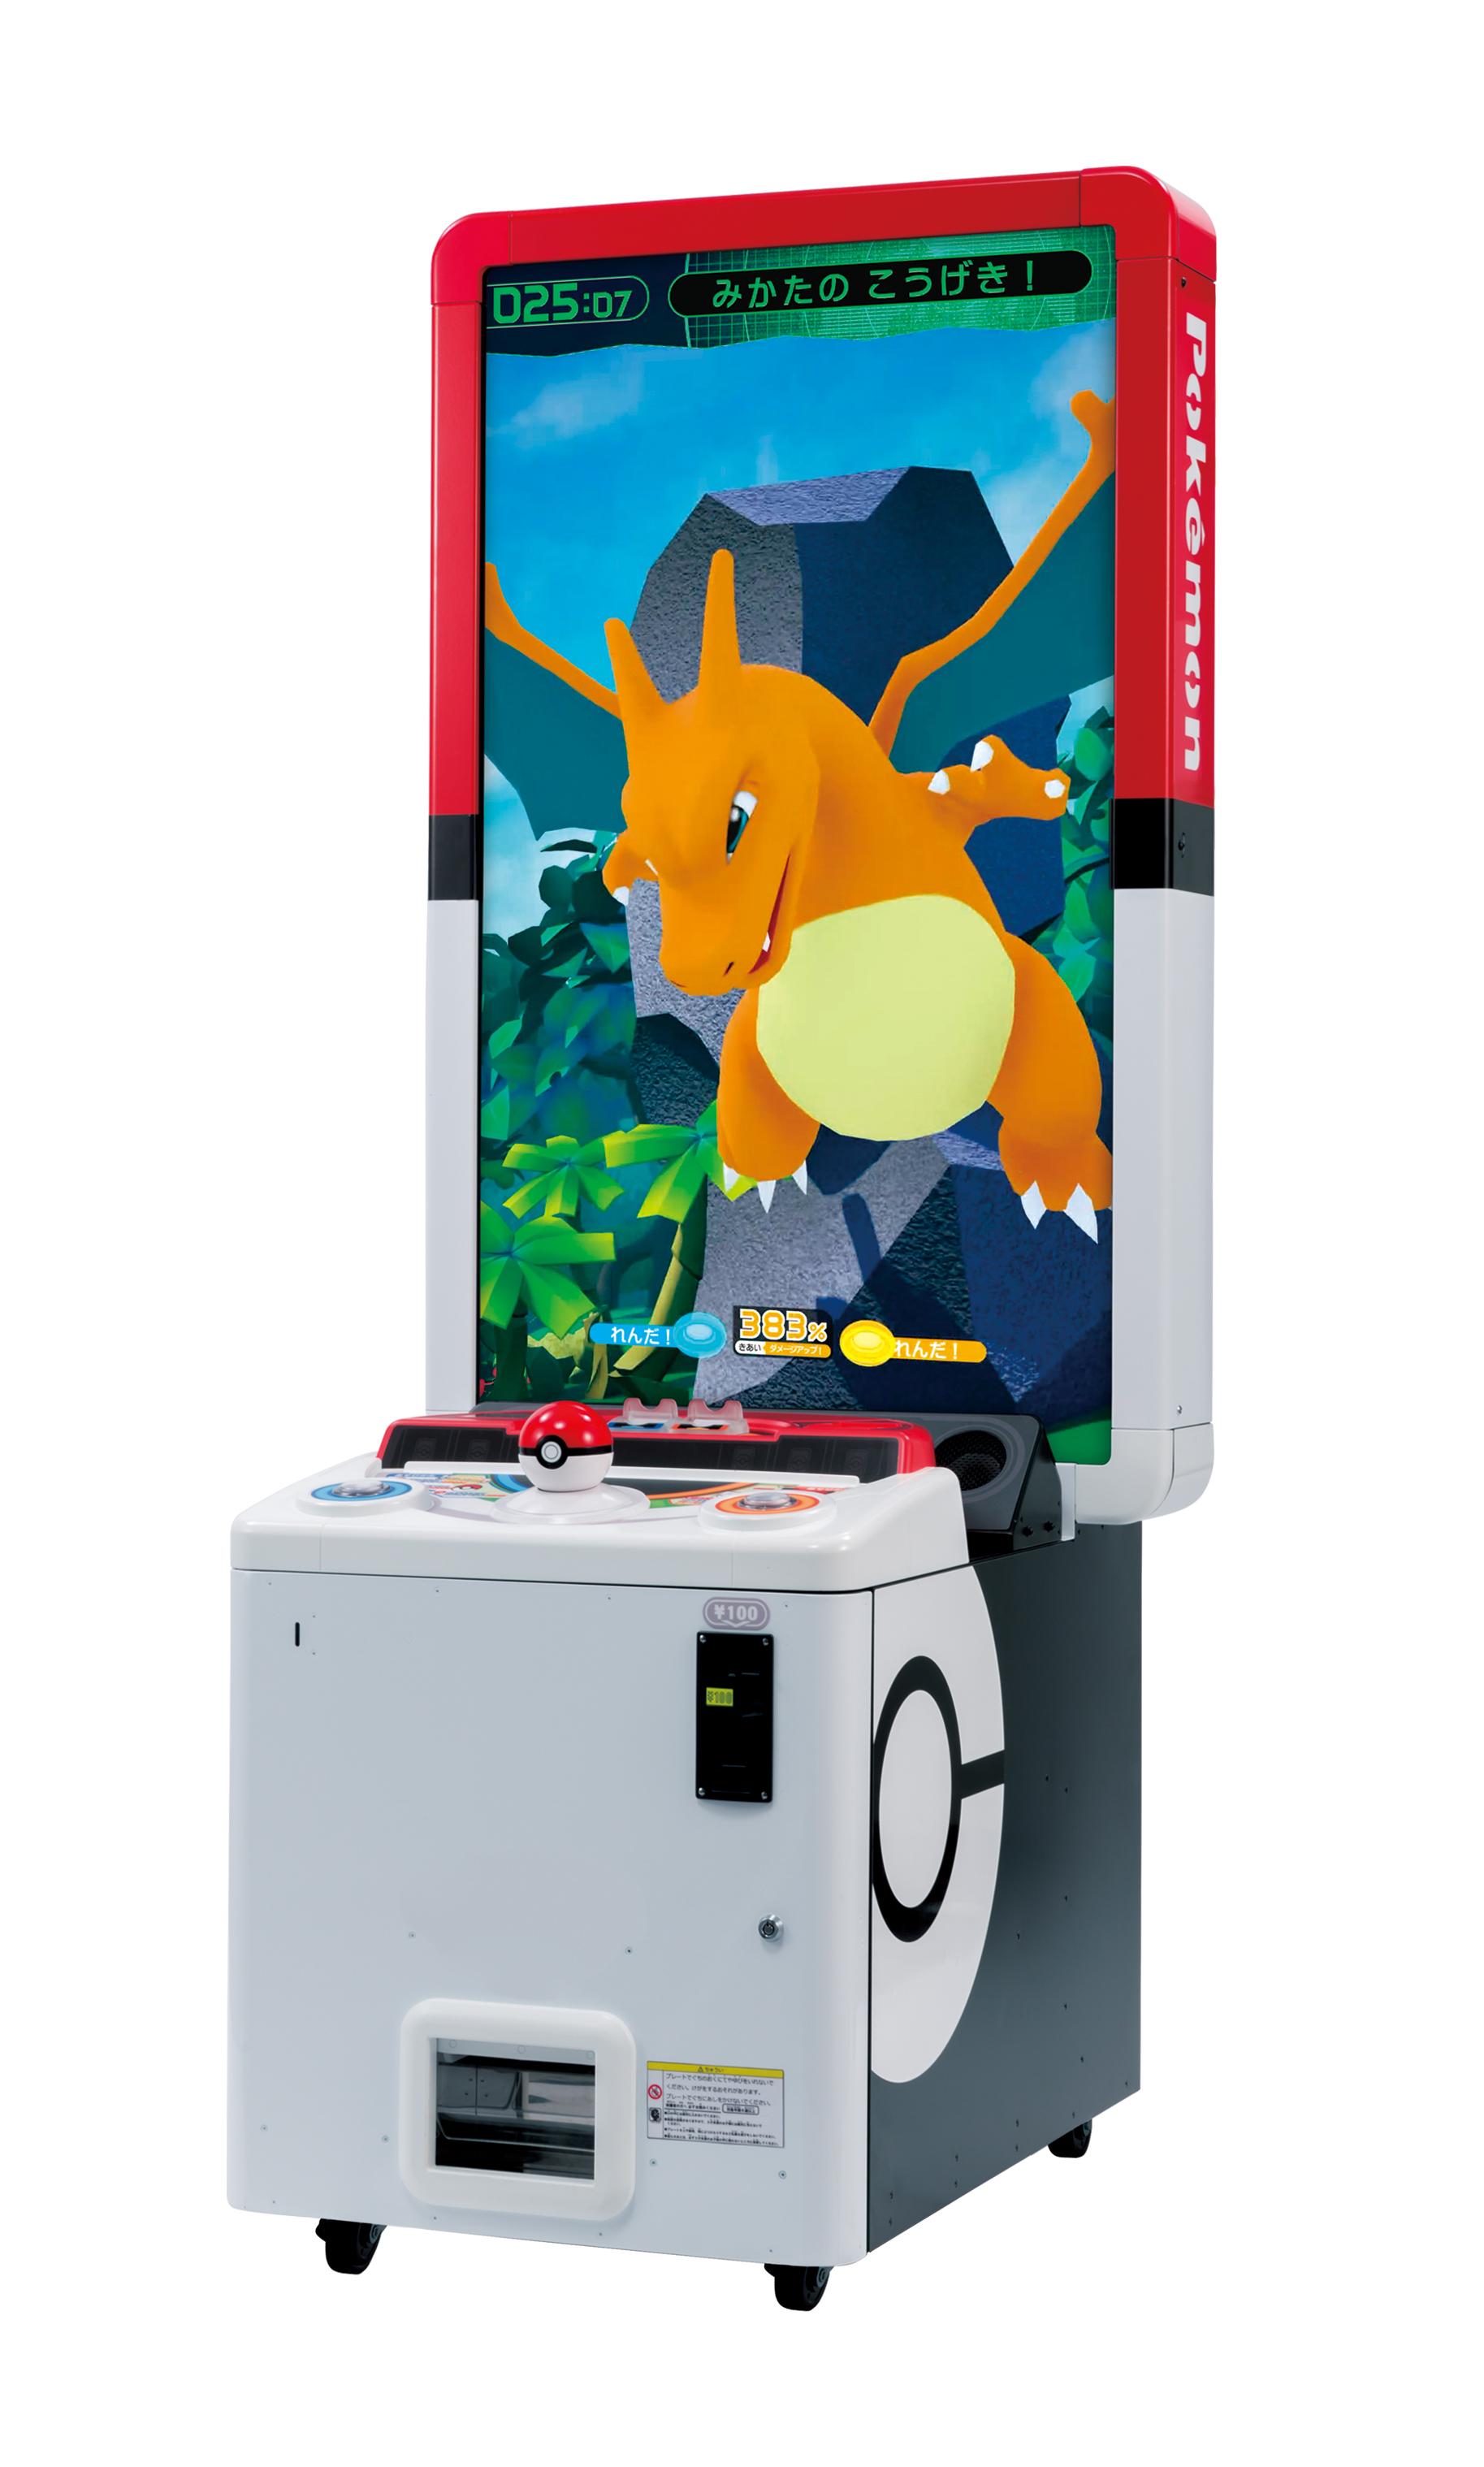 ポケモンガオーレ[arcade] - 4gamer